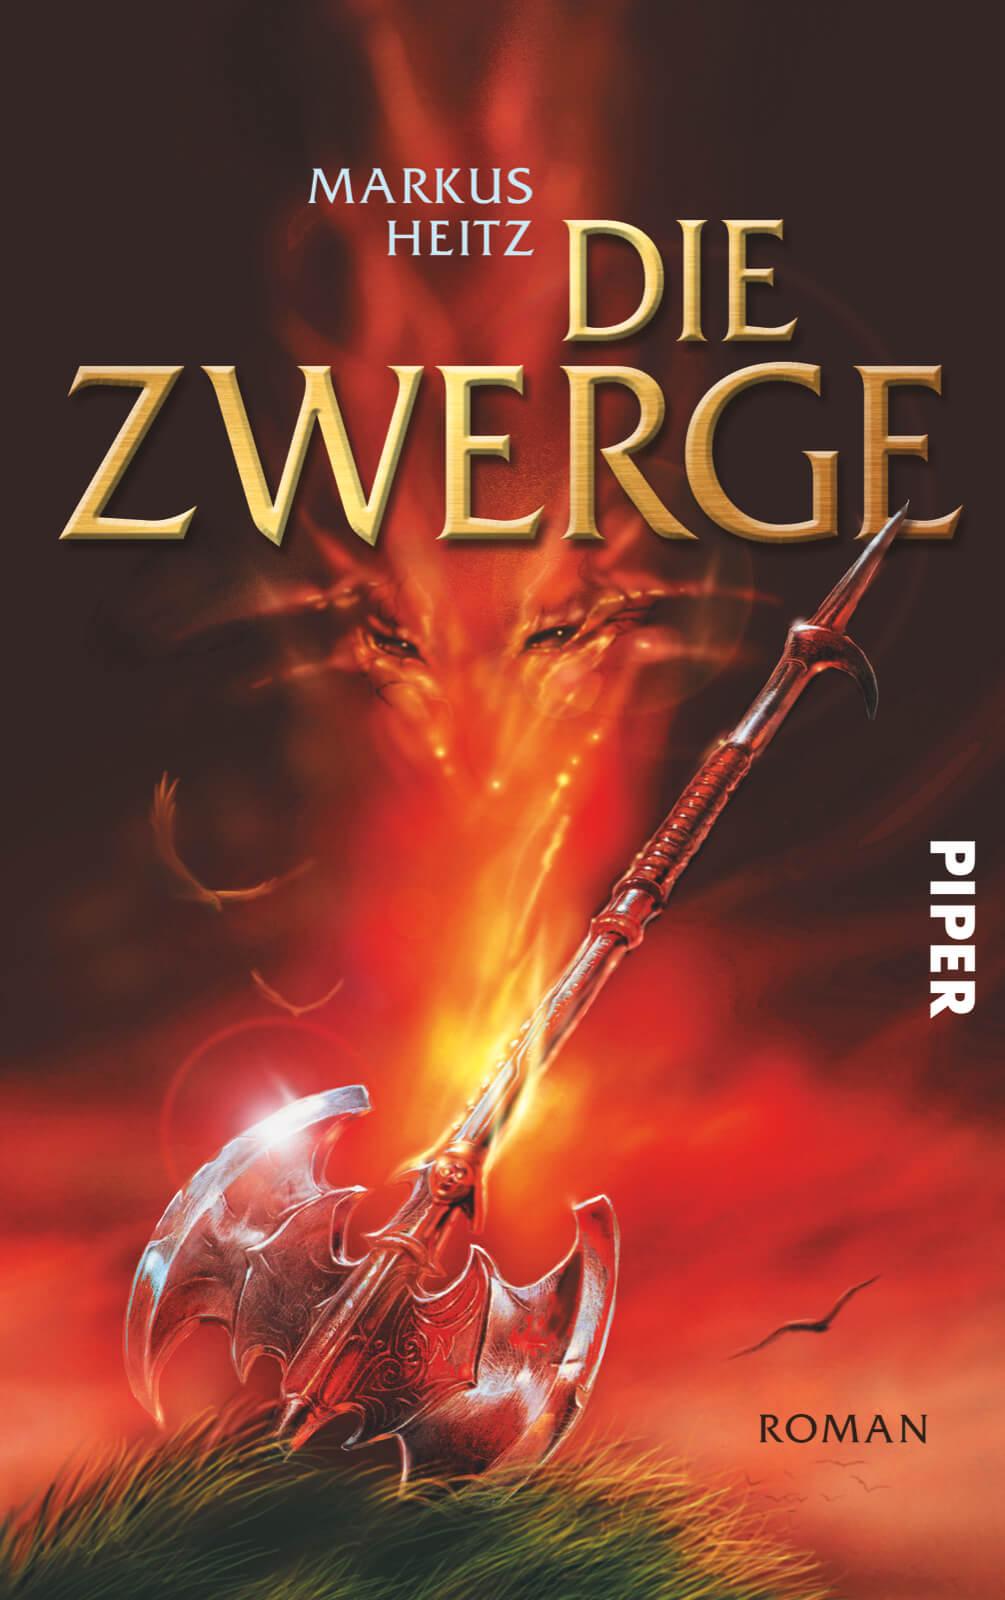 Die Zwerge von Markus Heitz (Bildrechte: Piper Verlag)